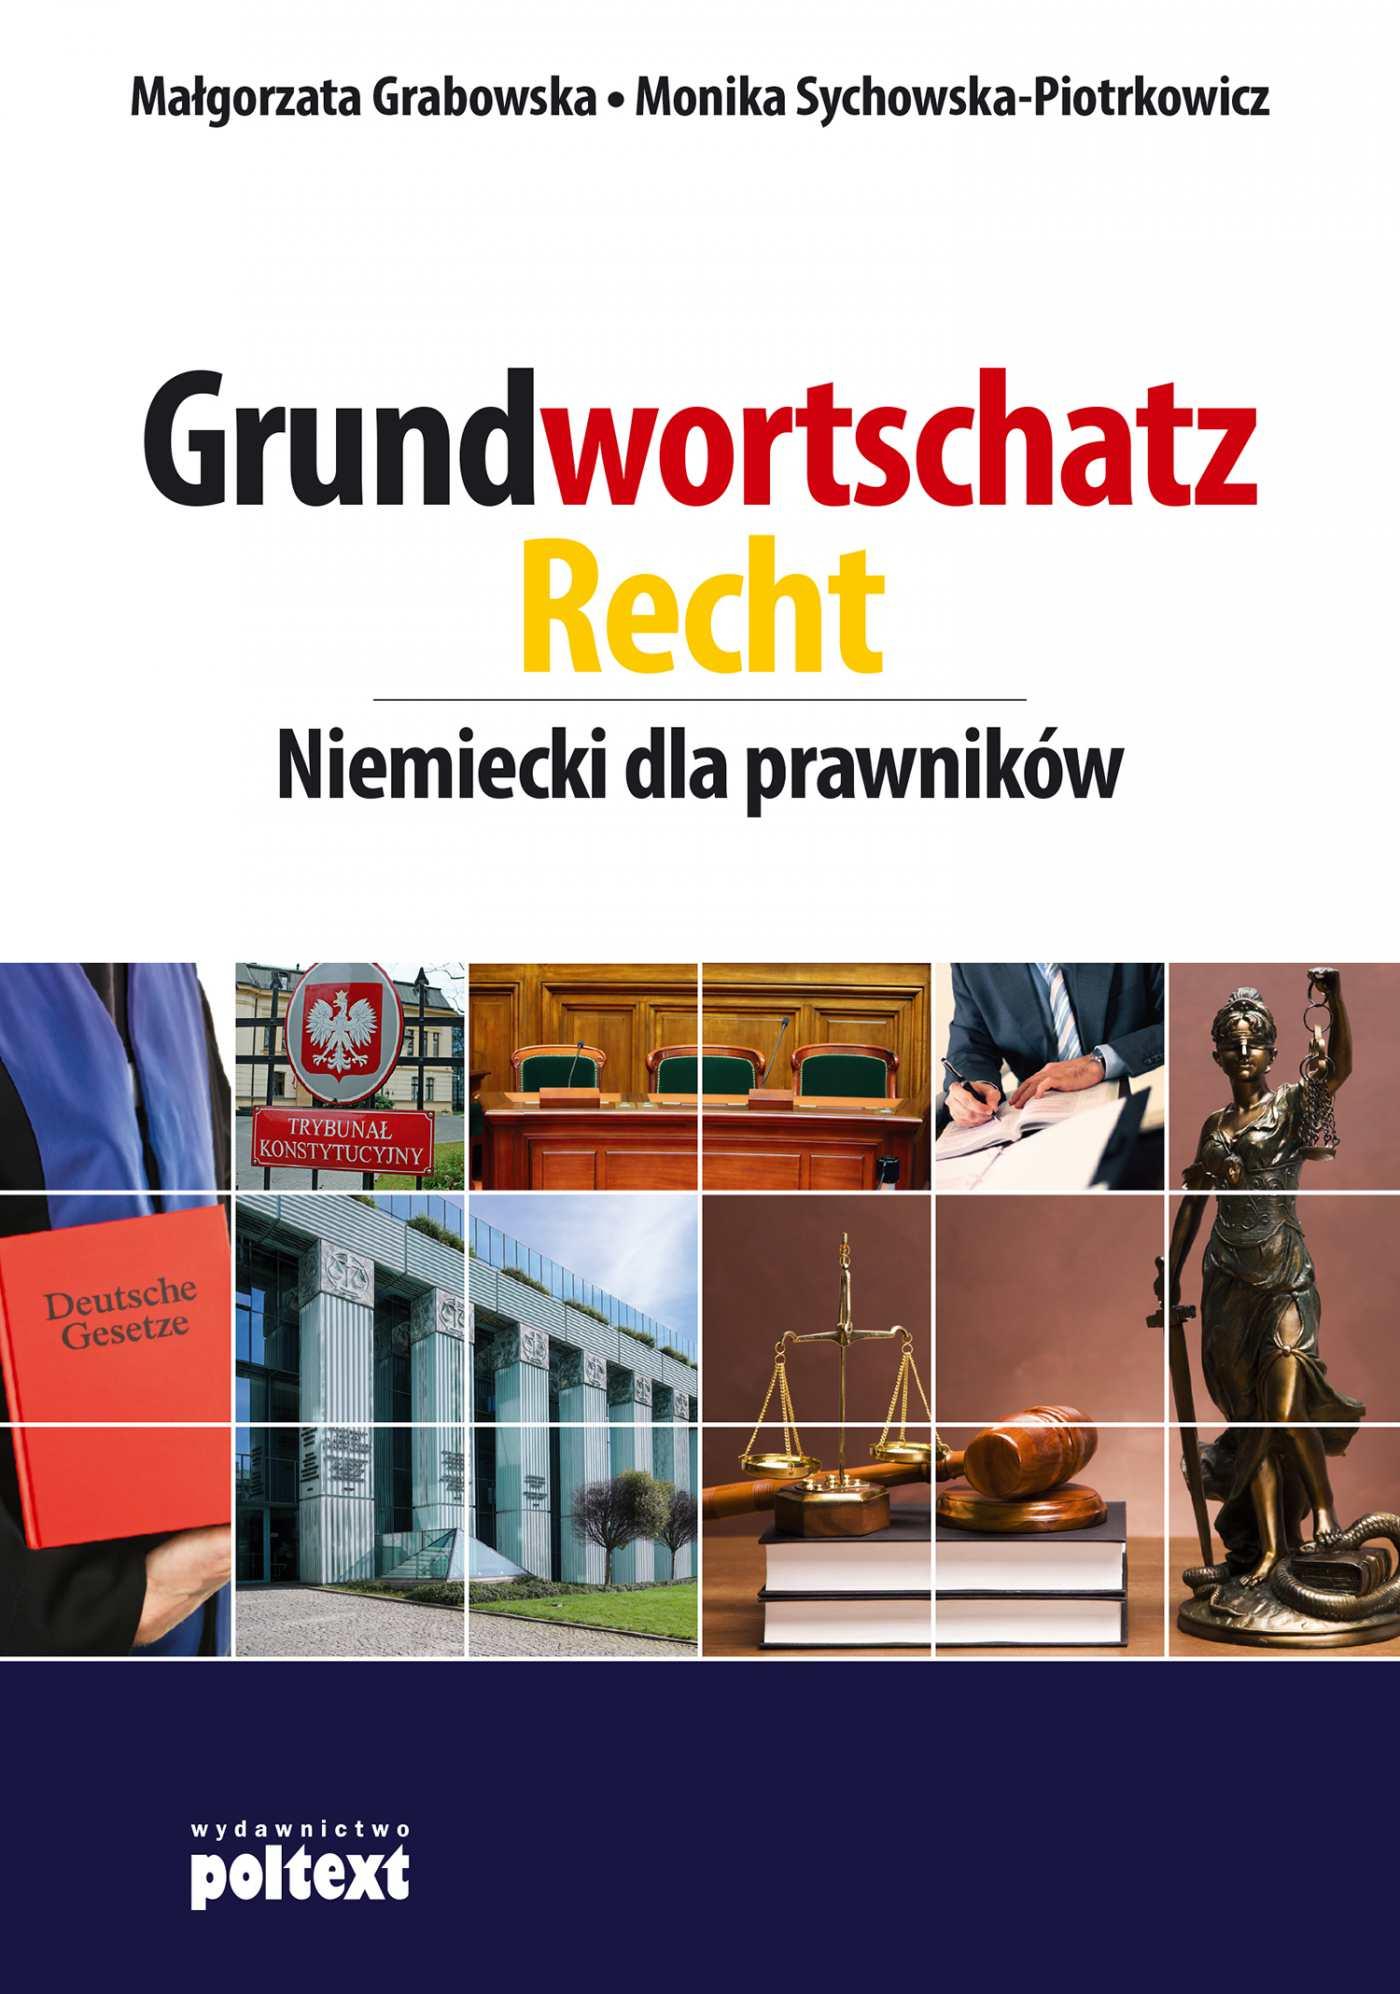 Grundwortschatz Recht. Niemiecki dla prawników - Ebook (Książka na Kindle) do pobrania w formacie MOBI